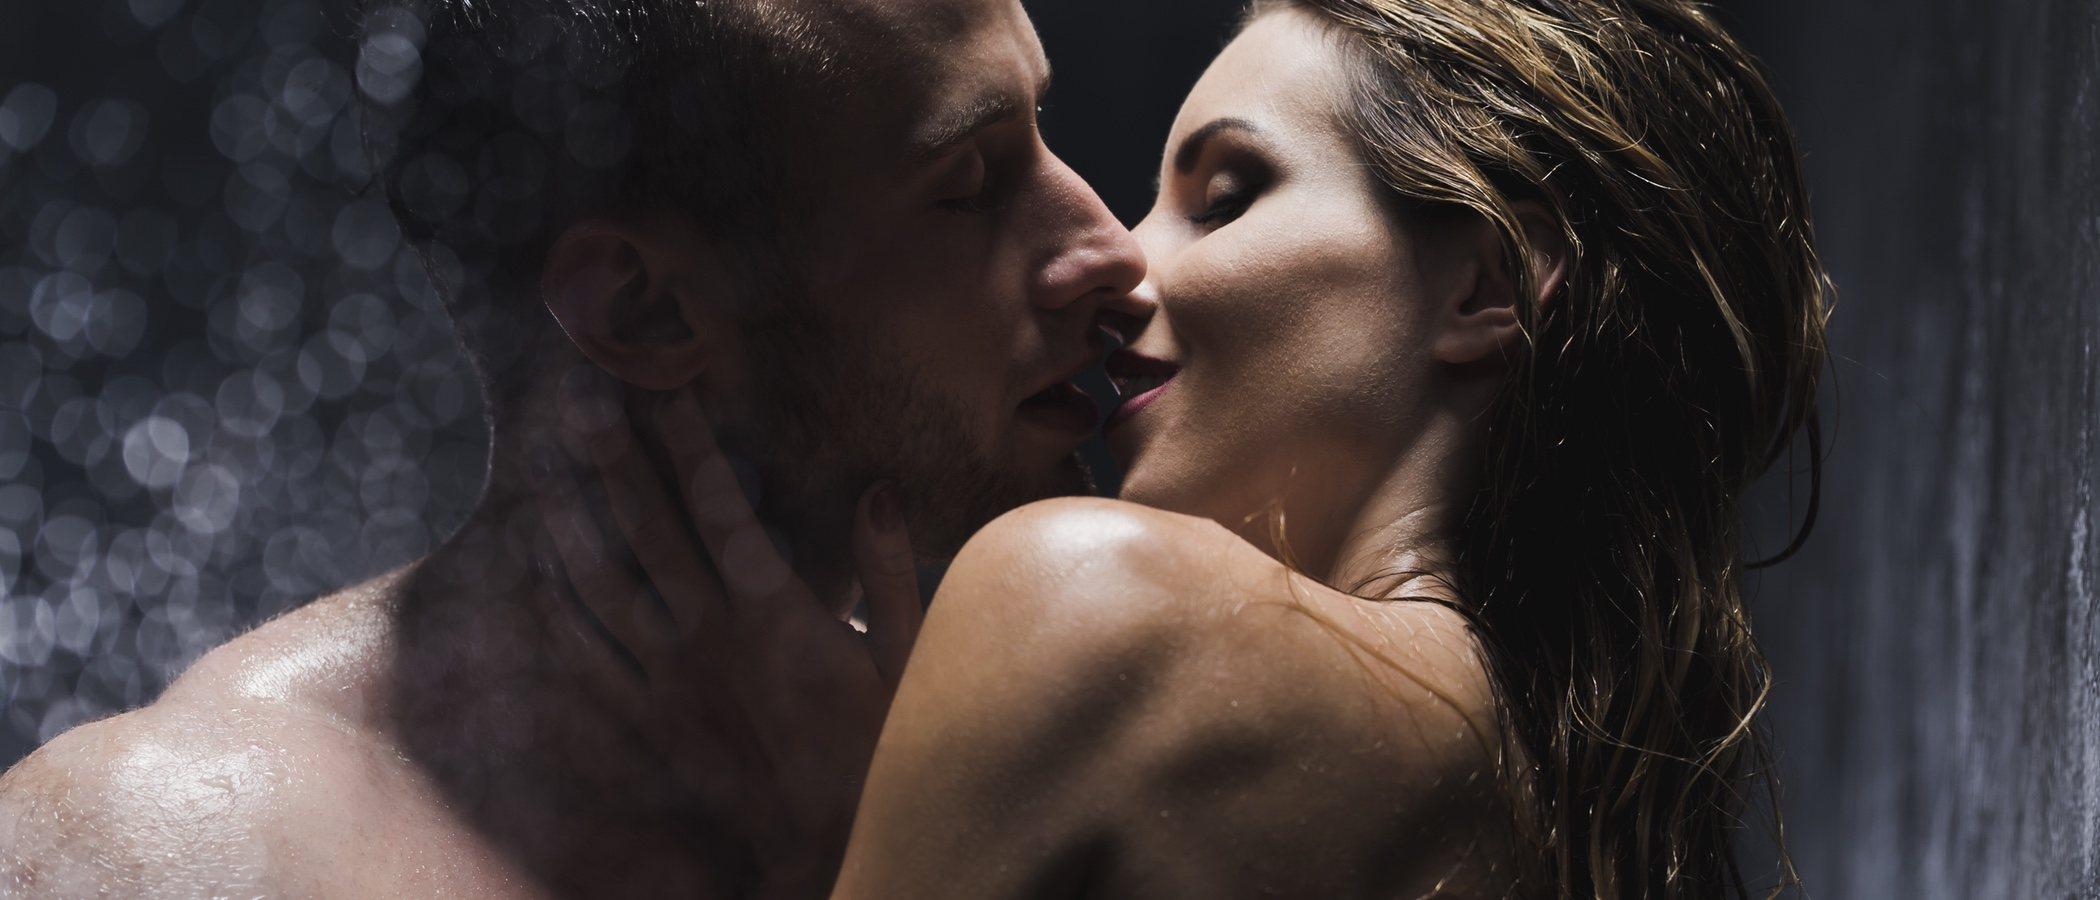 Horóscopo sexual octubre 2018: Acuario